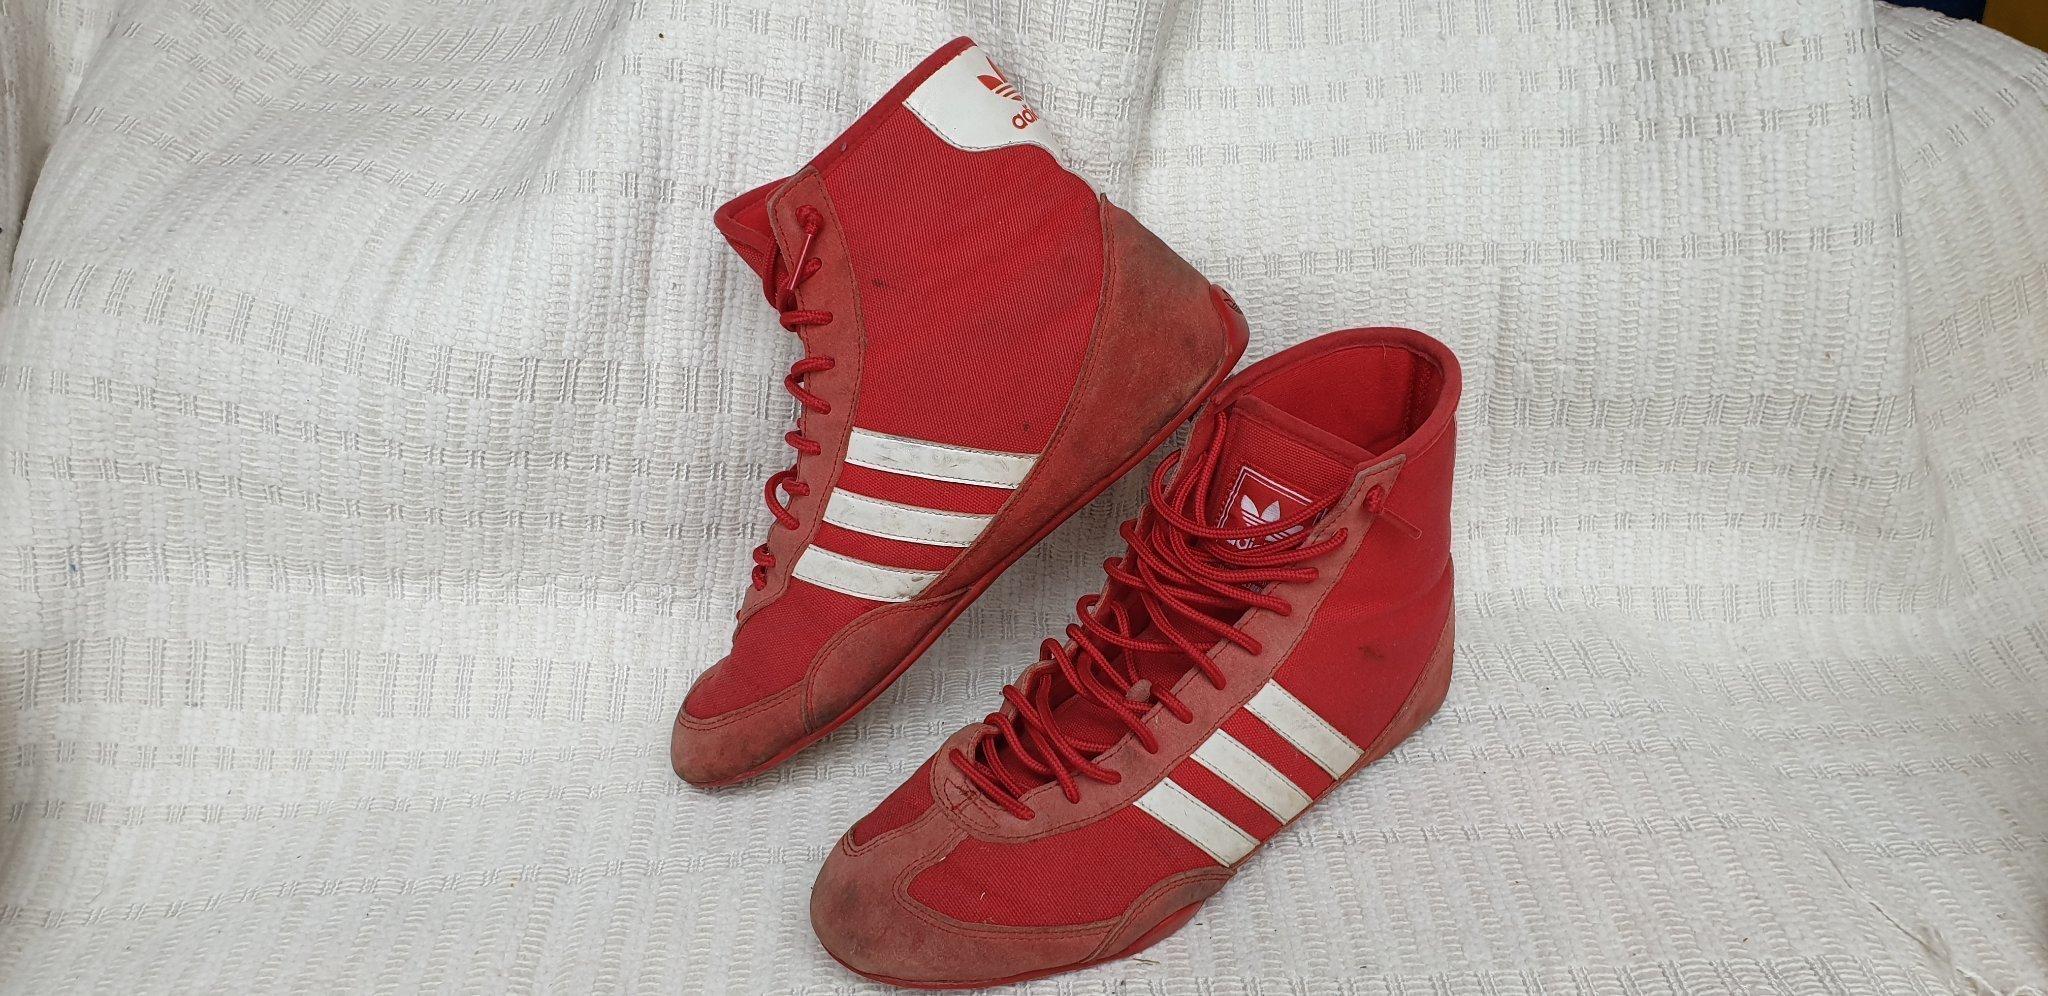 ebb035bfb0c Vintage adidas känga sko storlek 40 2/3 (353659574) ᐈ Köp på Tradera